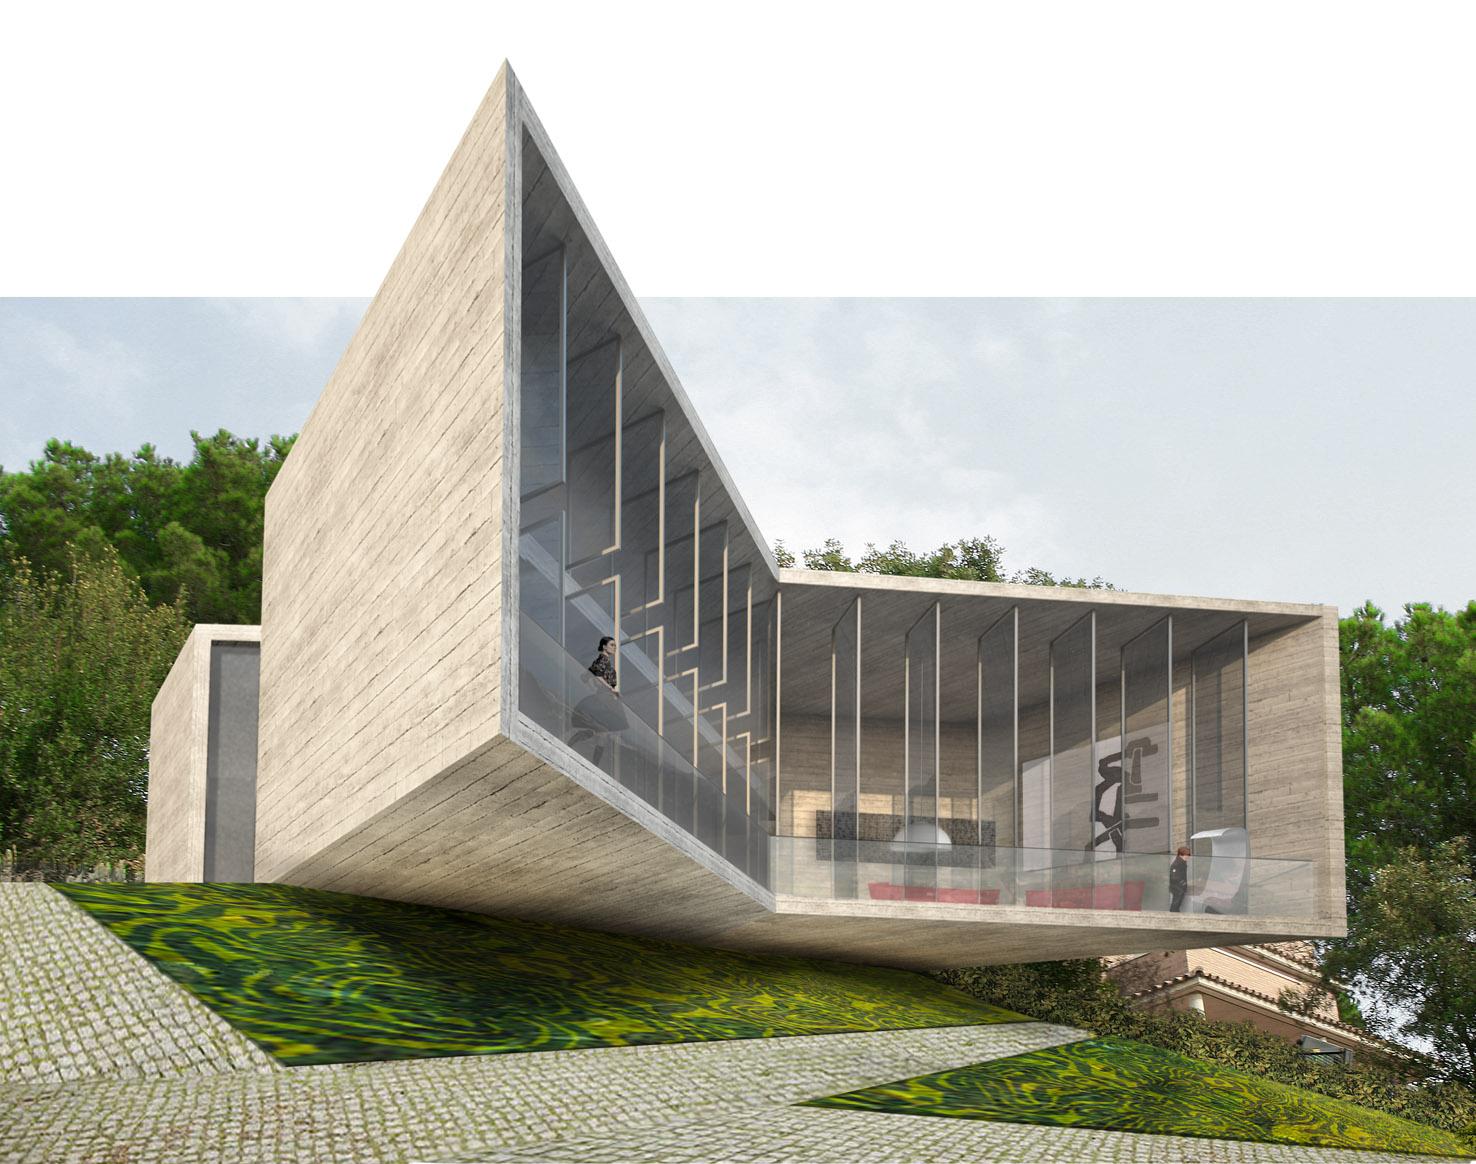 Em construção: Casa X / Cadaval & Solà-Morales, Vista Exterior